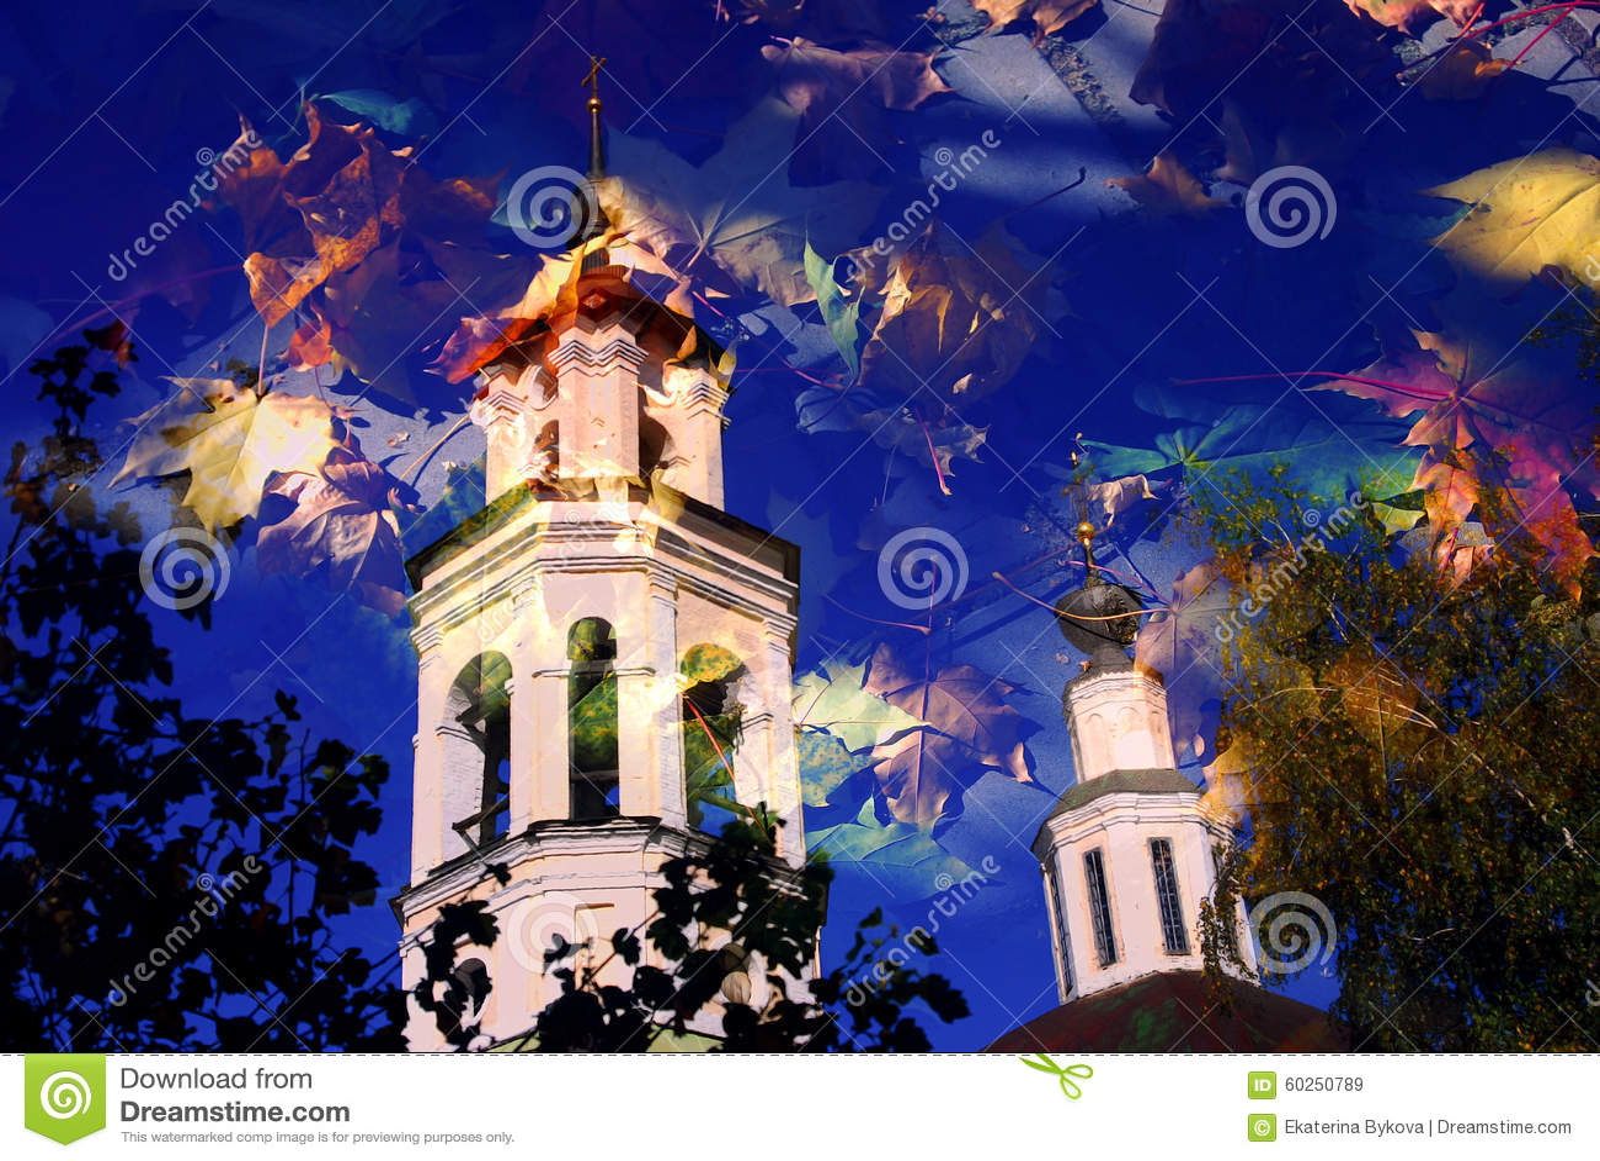 Architecture of Vladimir town, Russia. Autumn nature.